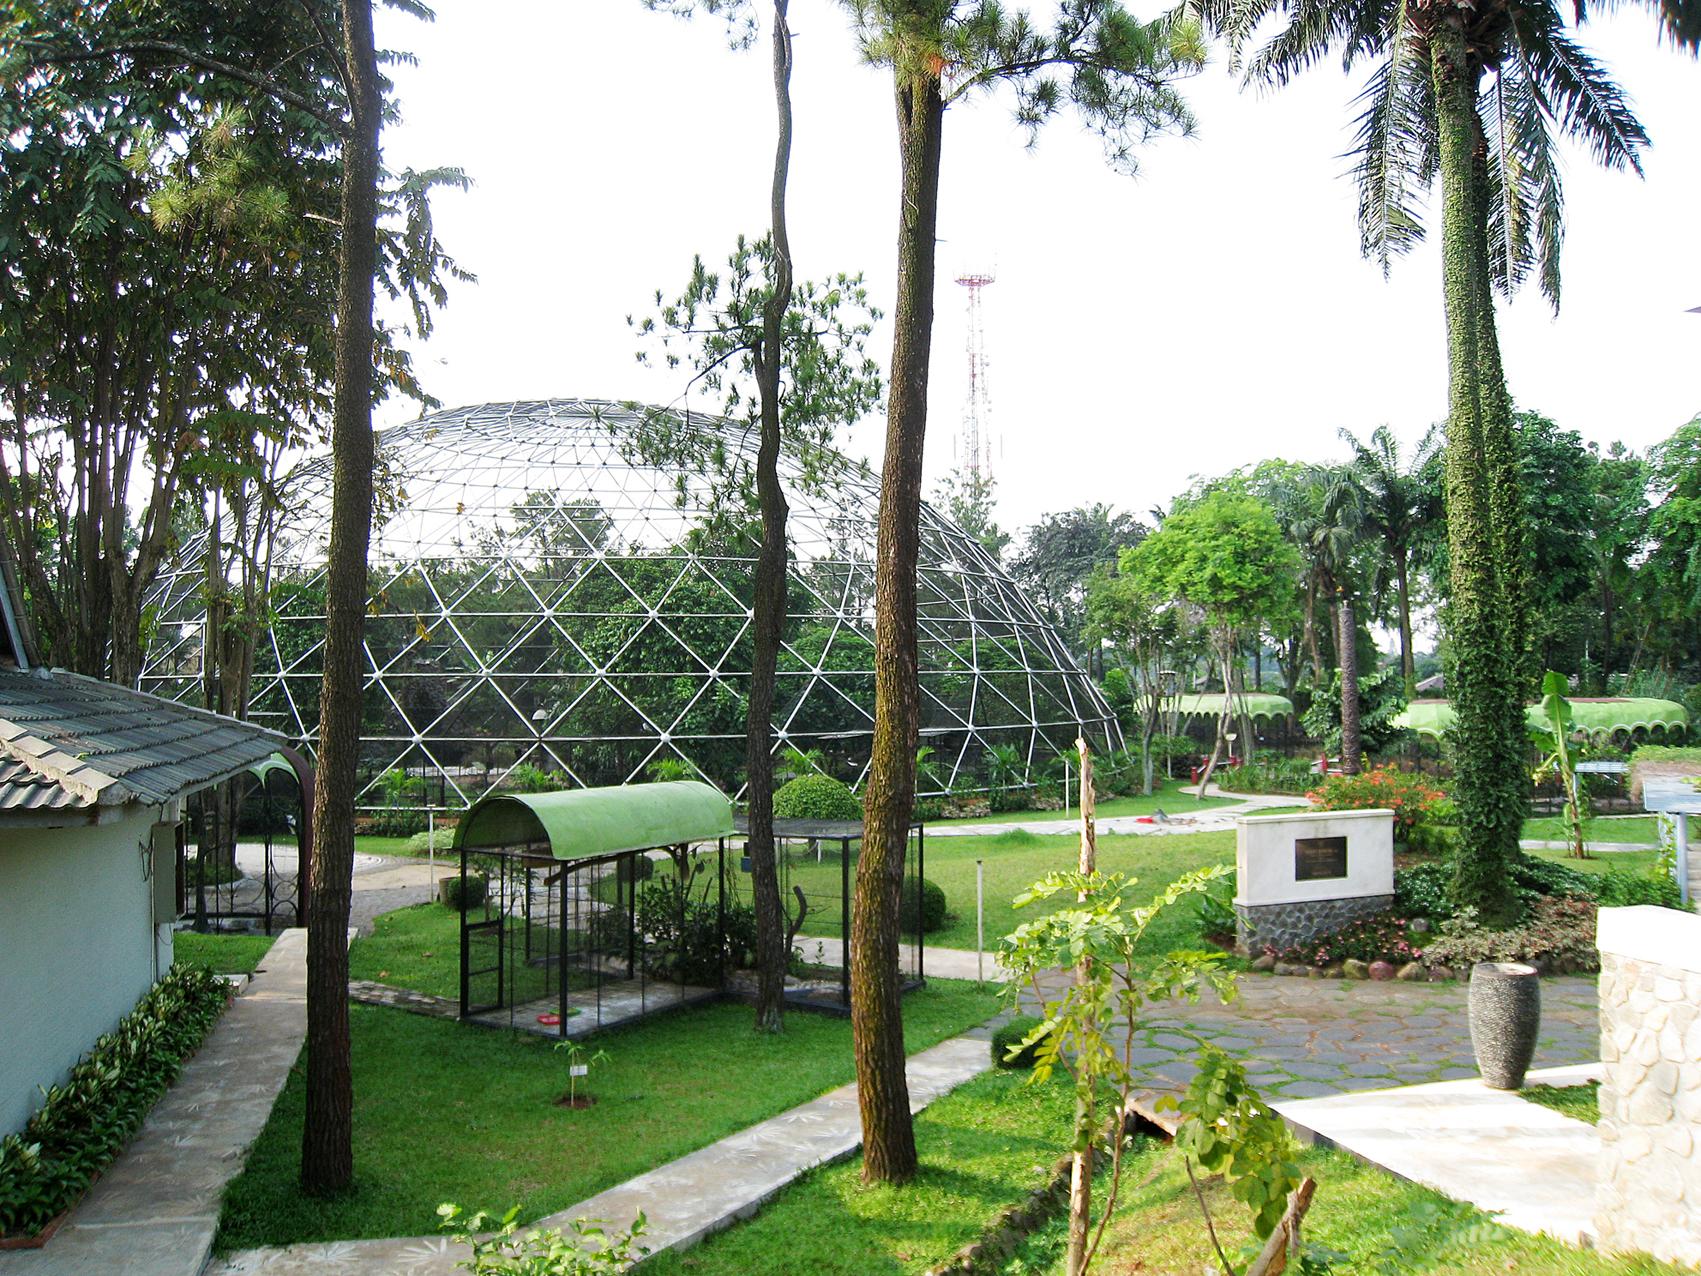 Jakarta Taman Mini Indonesia Indah Tmii Kota Administrasi Timur